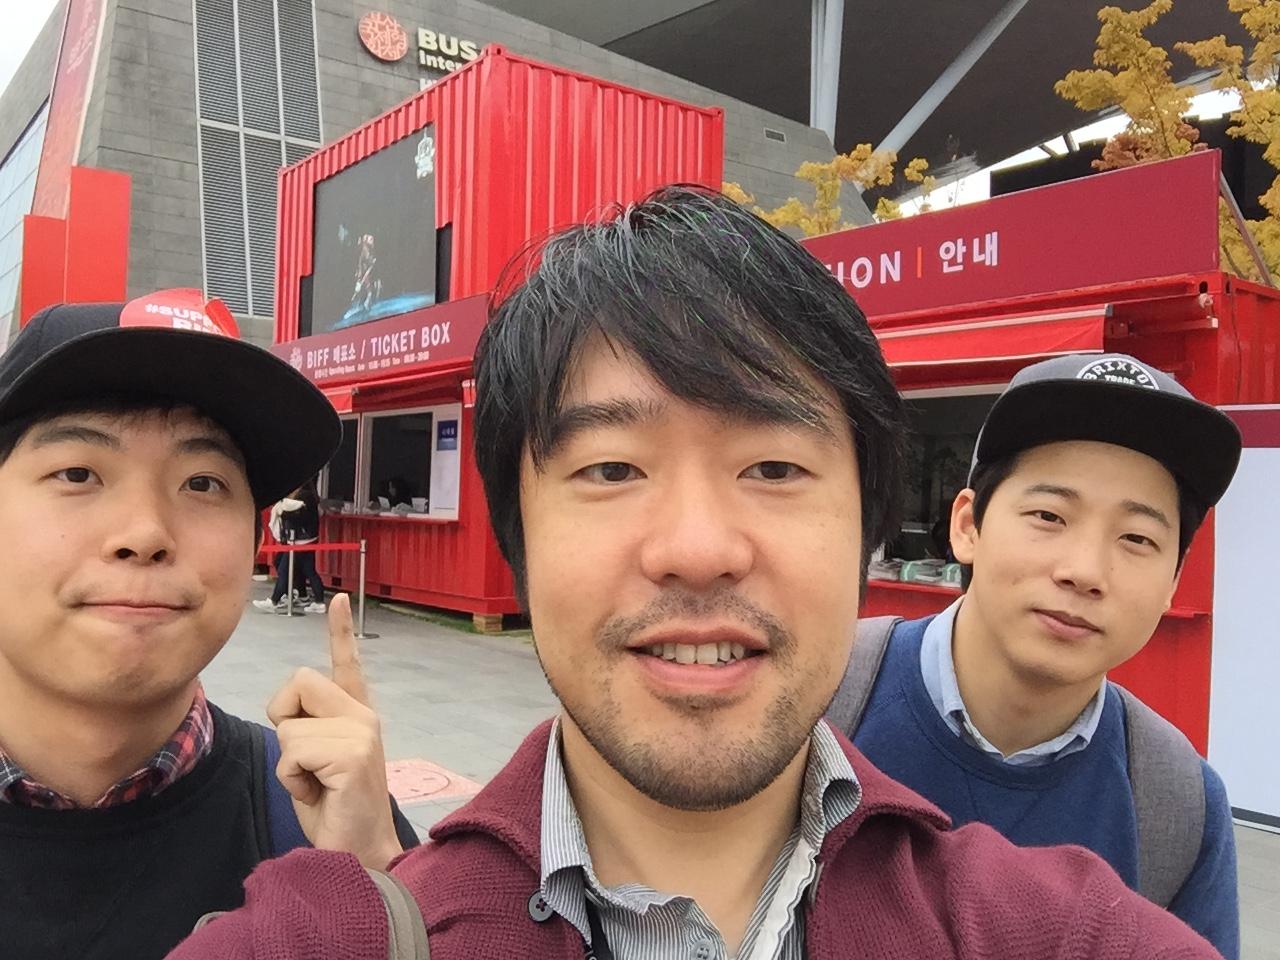 4月にメリーランドの映画祭で出会った韓国のKim Kyul監督とプロデューサー。映画祭ボイコット中らしいです。